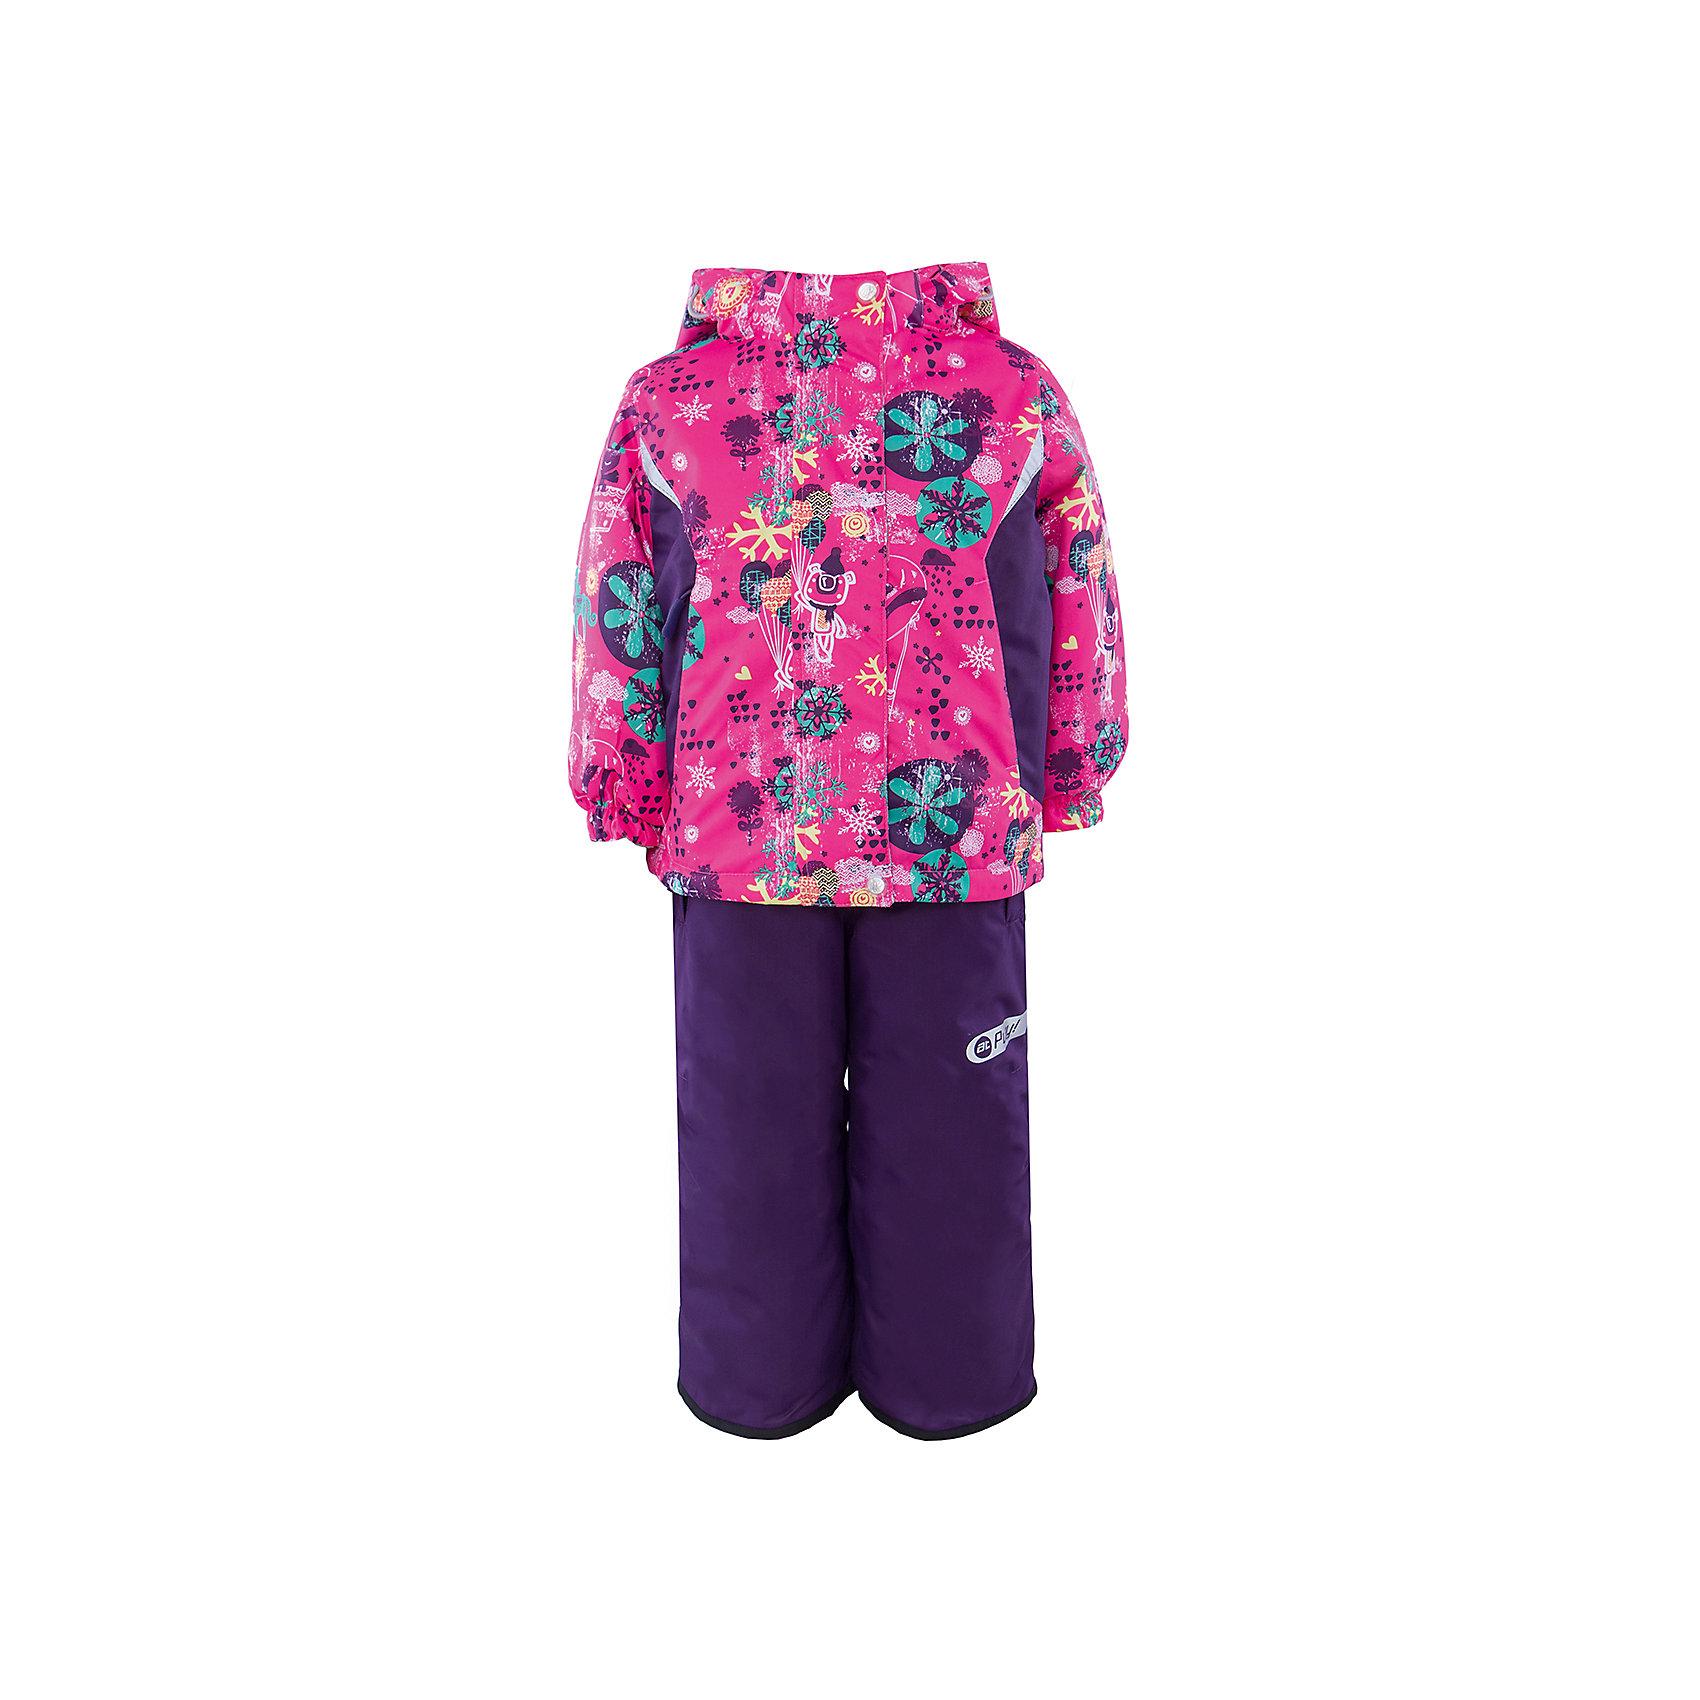 Комплект: куртка и полукомбинезон для девочки atPlay!Зимой необходимо особенно тщательно подходить к подбору одежды для ребенка. Чтобы обеспечить ему тепло, сухость и комфорт, можно выбрать этот костюм, сшитый из мембранного материала.<br>Он позволяет коже дышать, помогает выводить лишнюю влагу, при этом не позволяет ребенку замерзнуть или промокнуть. Выглядит при этом модель очень симпатично! Изделие выполнено очень качественно. Фурнитура для него подбиралась с учетом особенностей детского организма. В комплекте идет курточка, полукомбинезон.<br><br><br>Дополнительная информация:<br><br>цвет: фиолетовый;<br>материал: полиэстер, фурнитура YKK, водо- и грязеотталкивающее покрытие Teflon, подкладка - флис;<br>утеплитель: Thinsulate 200 г;<br>температурный режим: от -30°С до +5° С;<br>мягкие элементы на капюшоне и воротнике;<br>паропроницаемость: 10000 г / м.куб. / 24 ч;<br>водонепроницаемость: 10000 мм / 24 ч;<br>швы проклеены;<br>капюшон регулируется.<br><br>Костюм для девочки от бренда atPlay! можно приобрести в нашем интернет-магазине.<br><br>Ширина мм: 356<br>Глубина мм: 10<br>Высота мм: 245<br>Вес г: 519<br>Цвет: розовый<br>Возраст от месяцев: 12<br>Возраст до месяцев: 18<br>Пол: Женский<br>Возраст: Детский<br>Размер: 86,98,92<br>SKU: 4940472